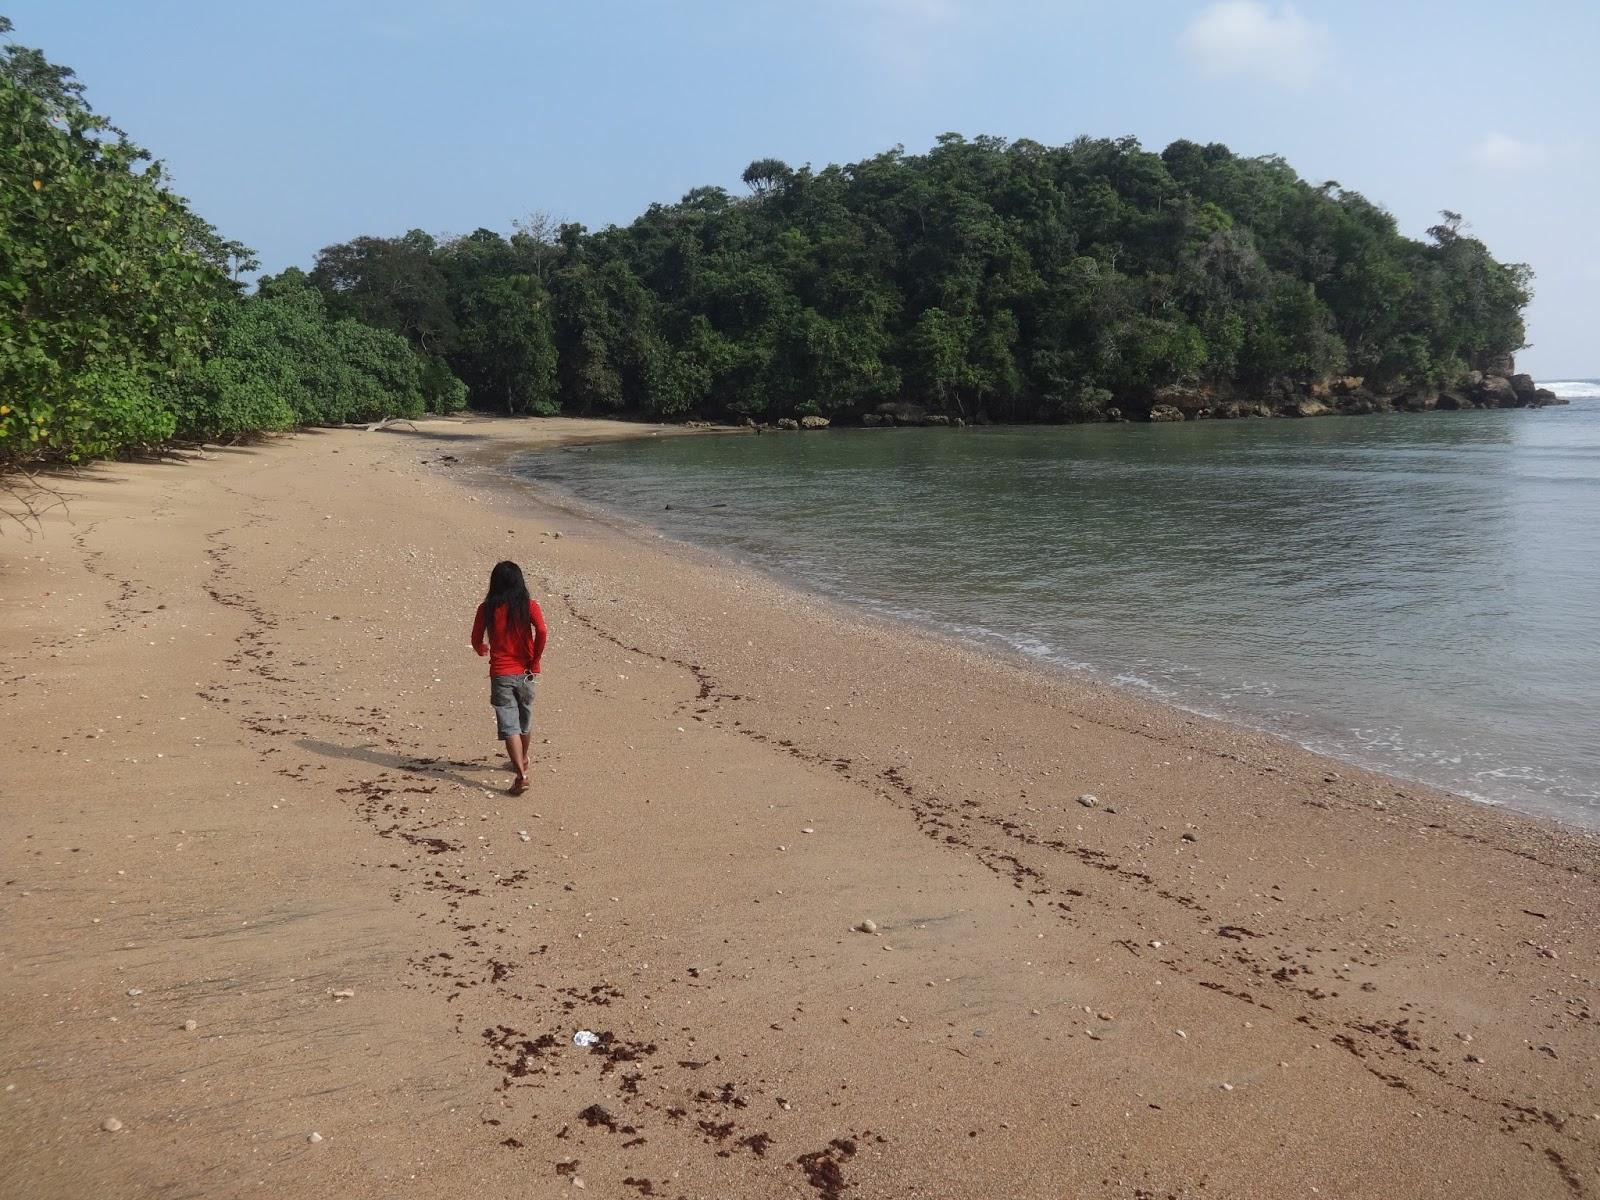 Pantai Malang Raya Whiempy Referensi Halaman Tempat Public Place Suka